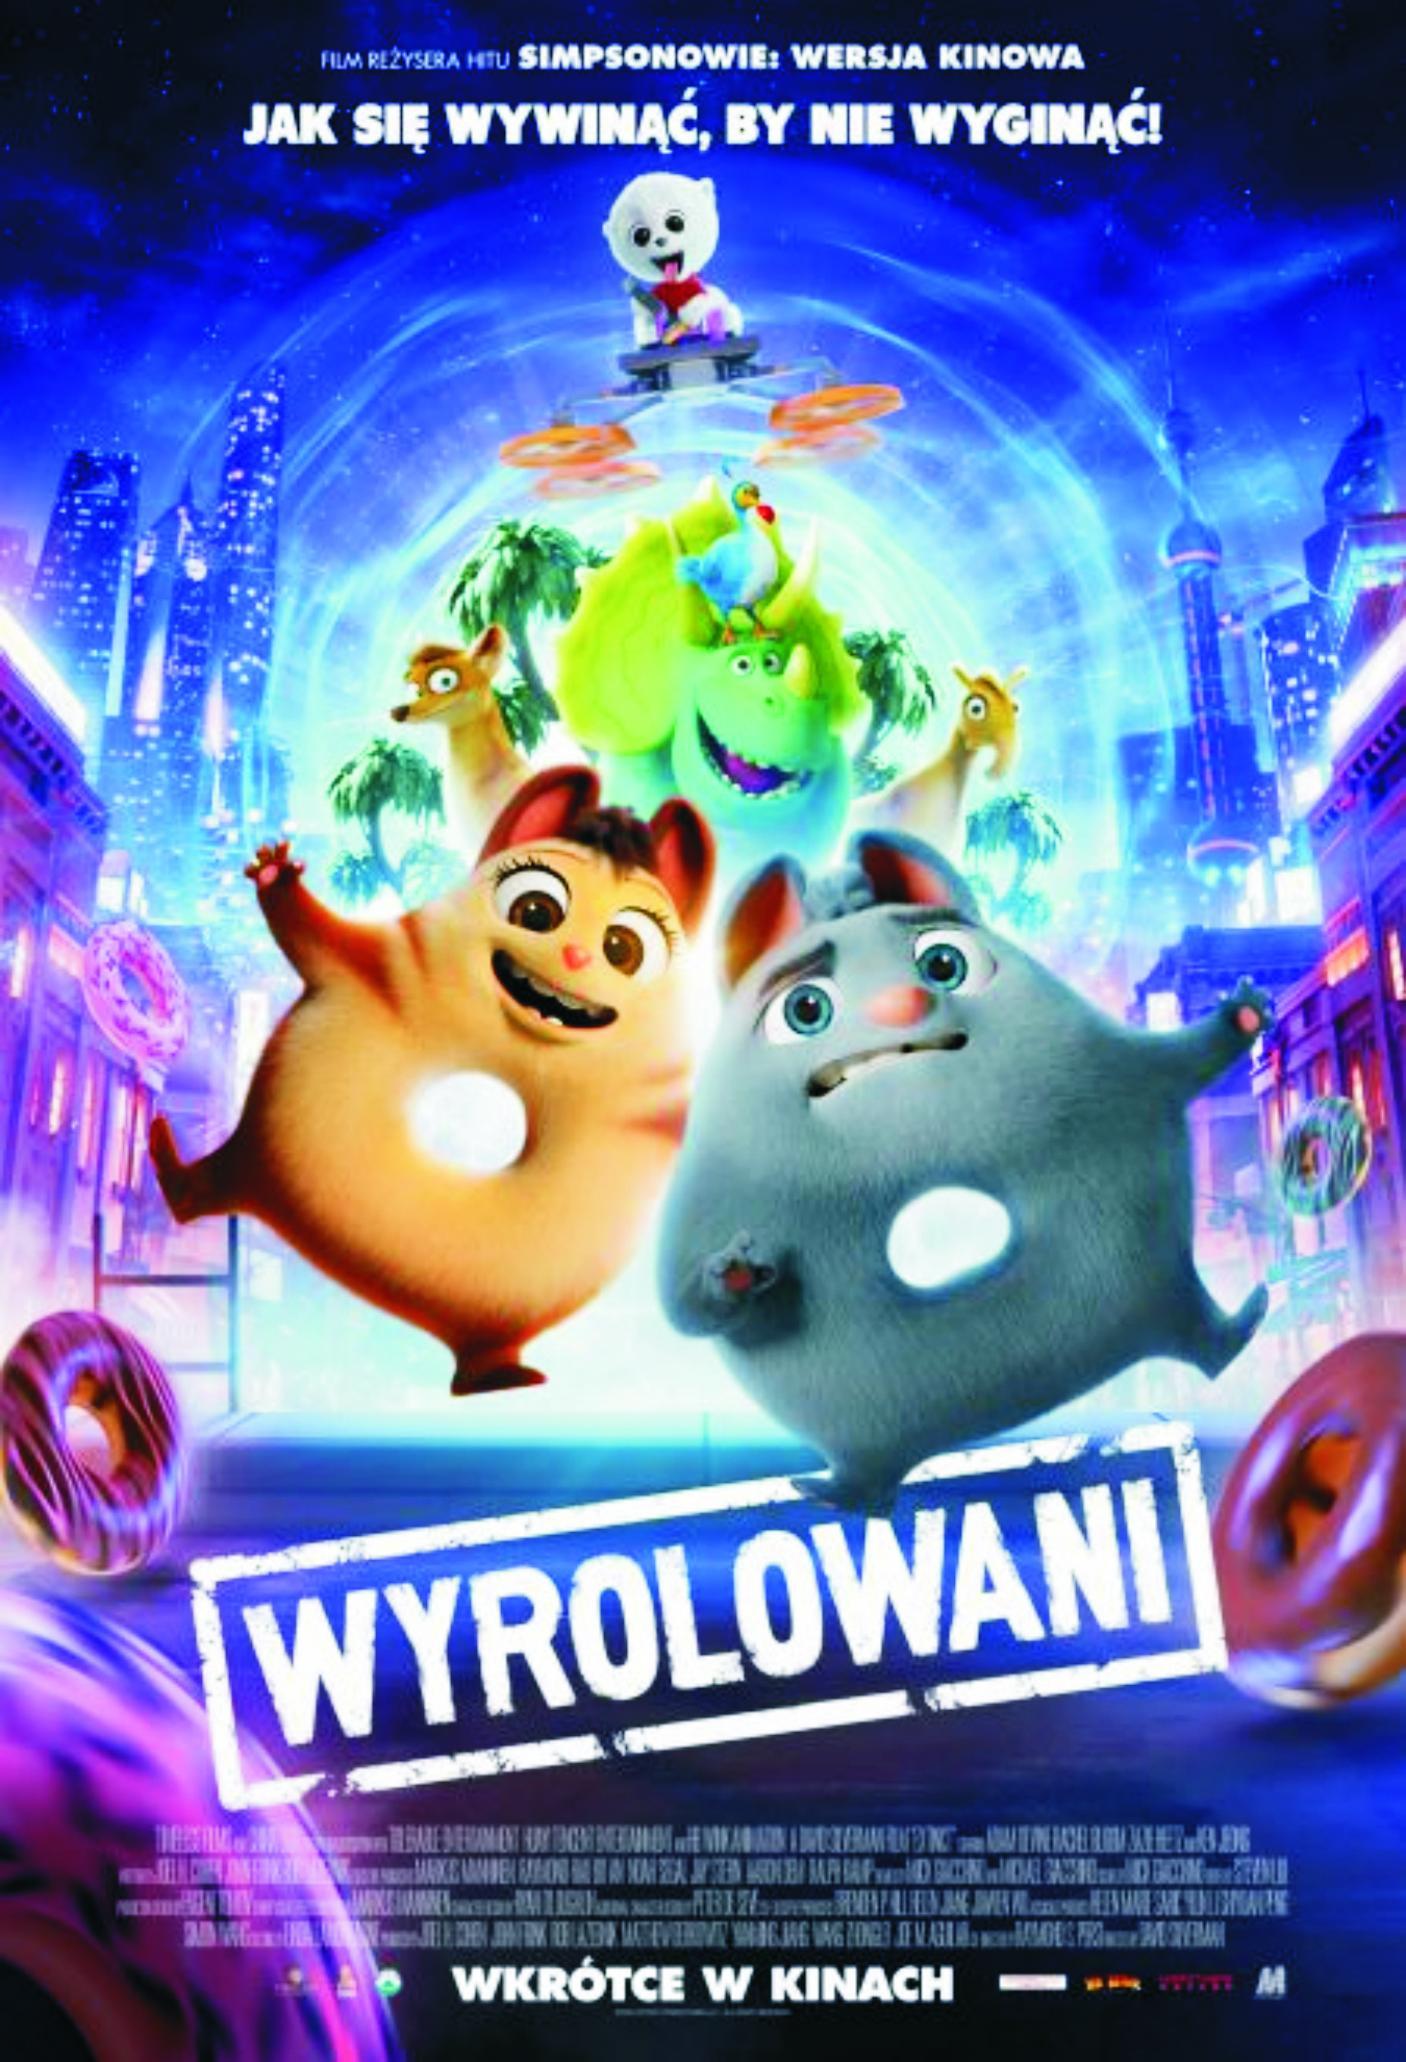 Wyrolowani (dubbing)